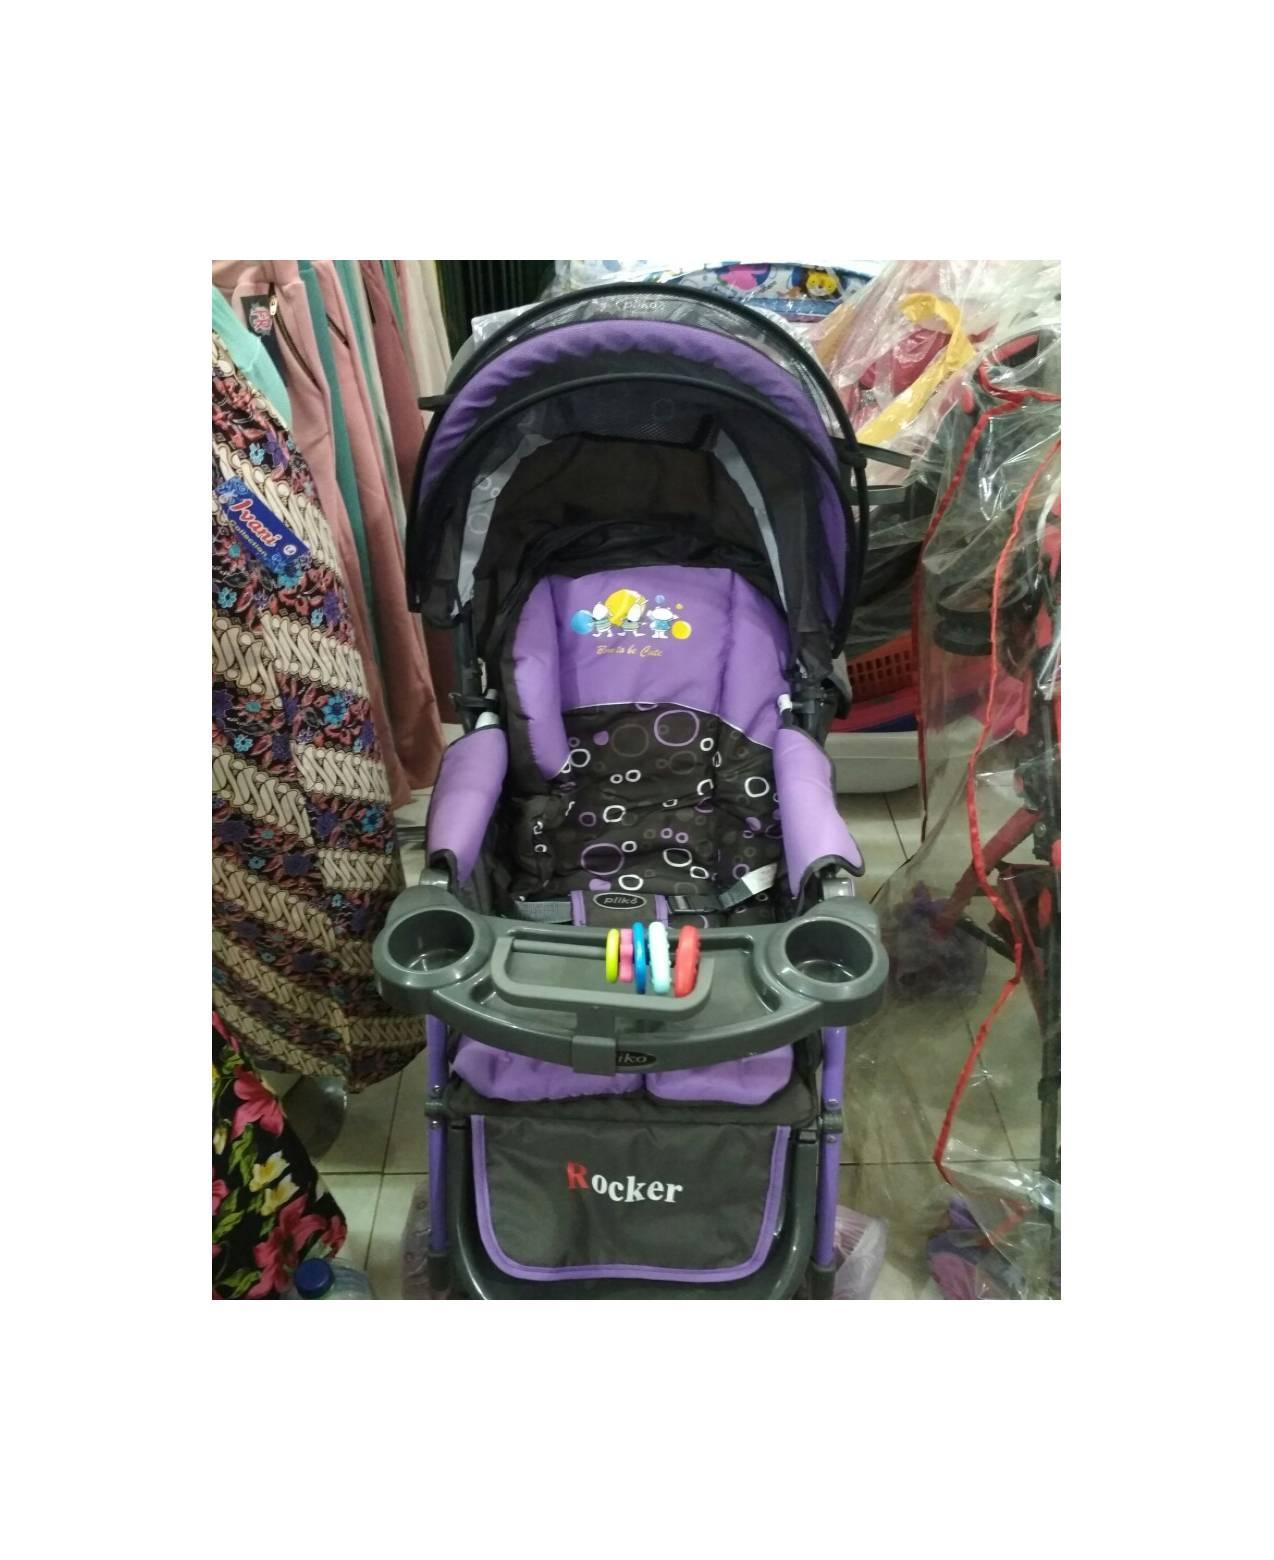 stroller bayi pliko rocker/roda 4 warna ungu